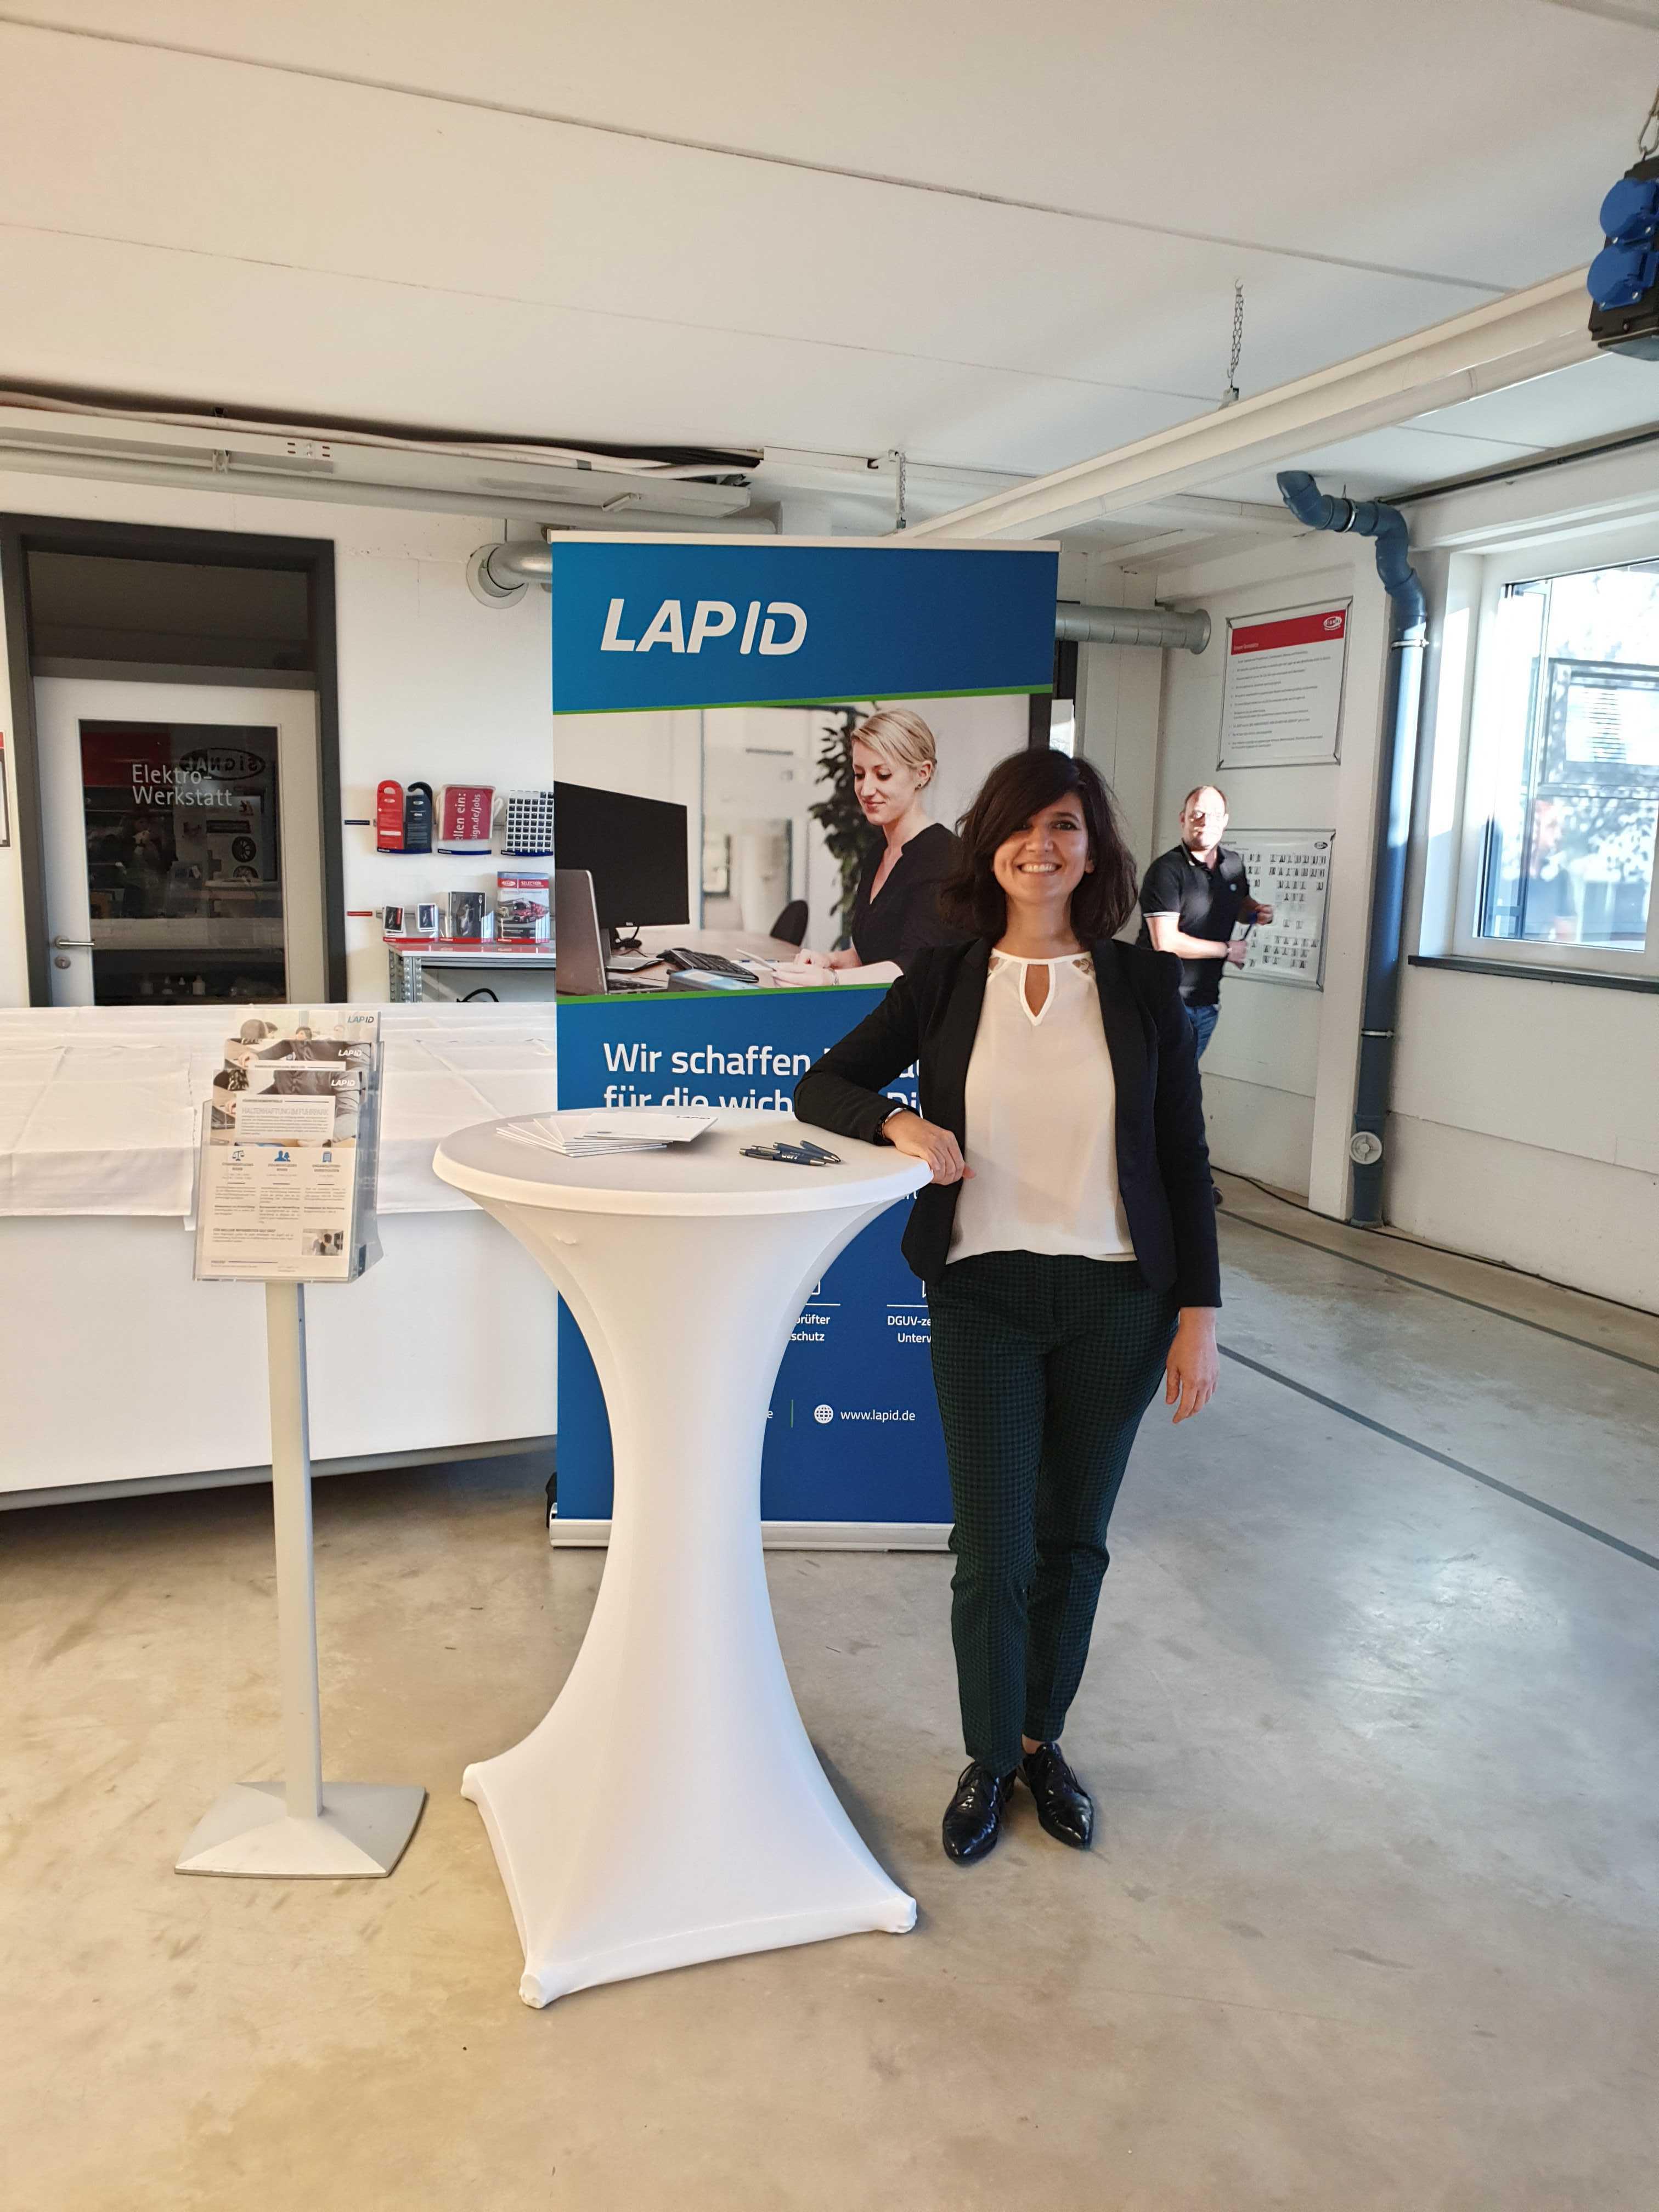 LapID Mitarbeiterin beim SIGNal-Flottentag